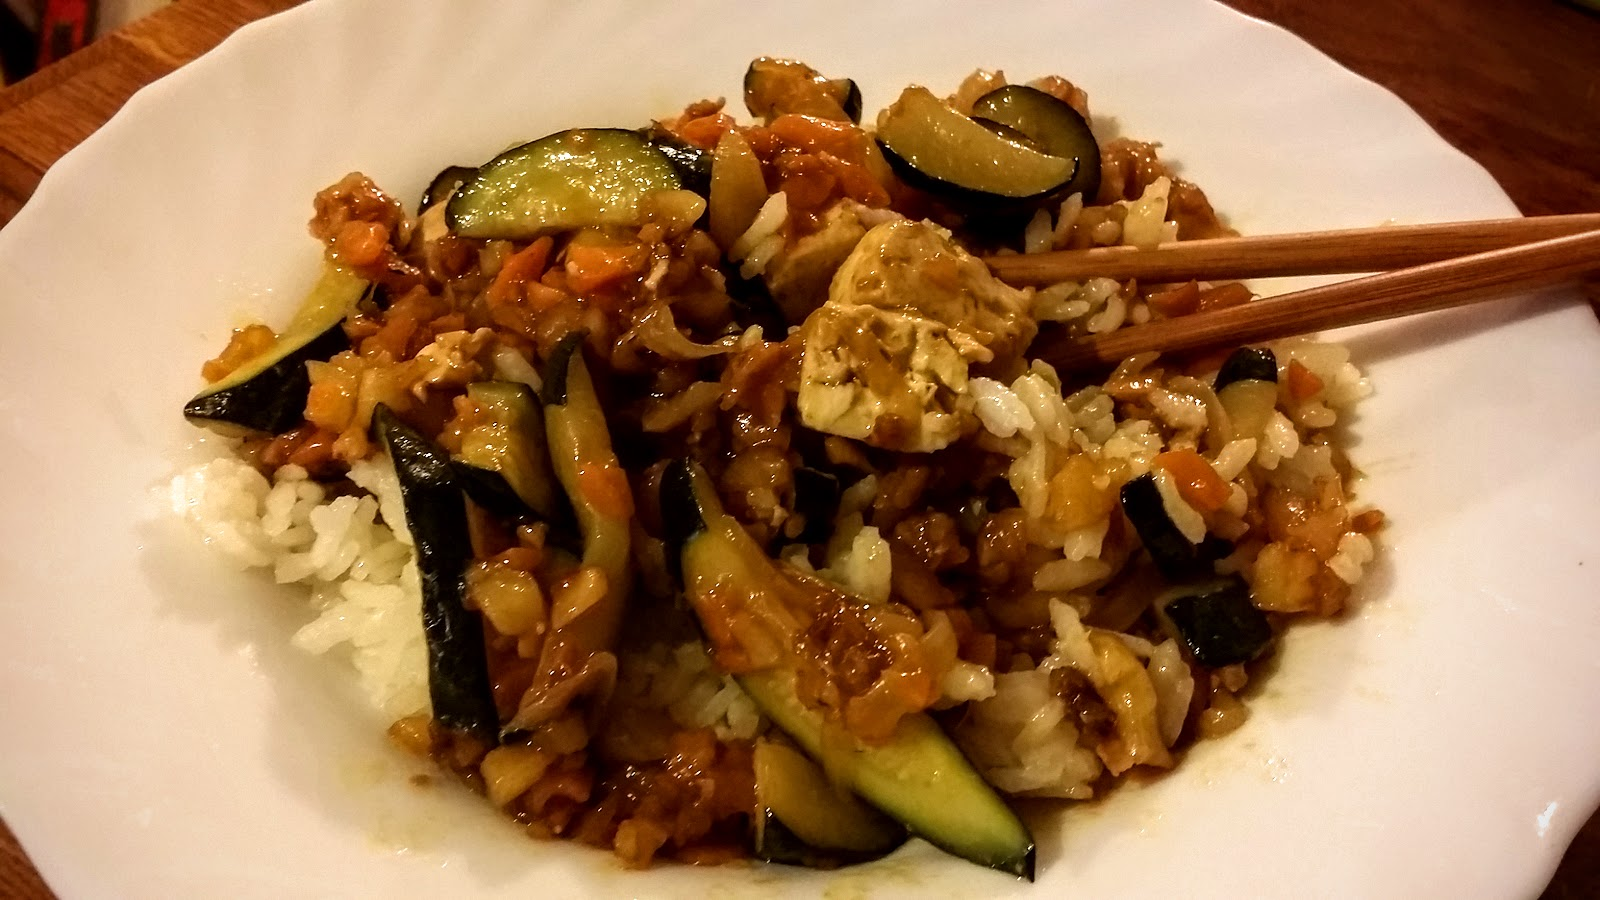 La famiglia in cucina: Stir fry cinese con tofu - Riso o spaghetti ...